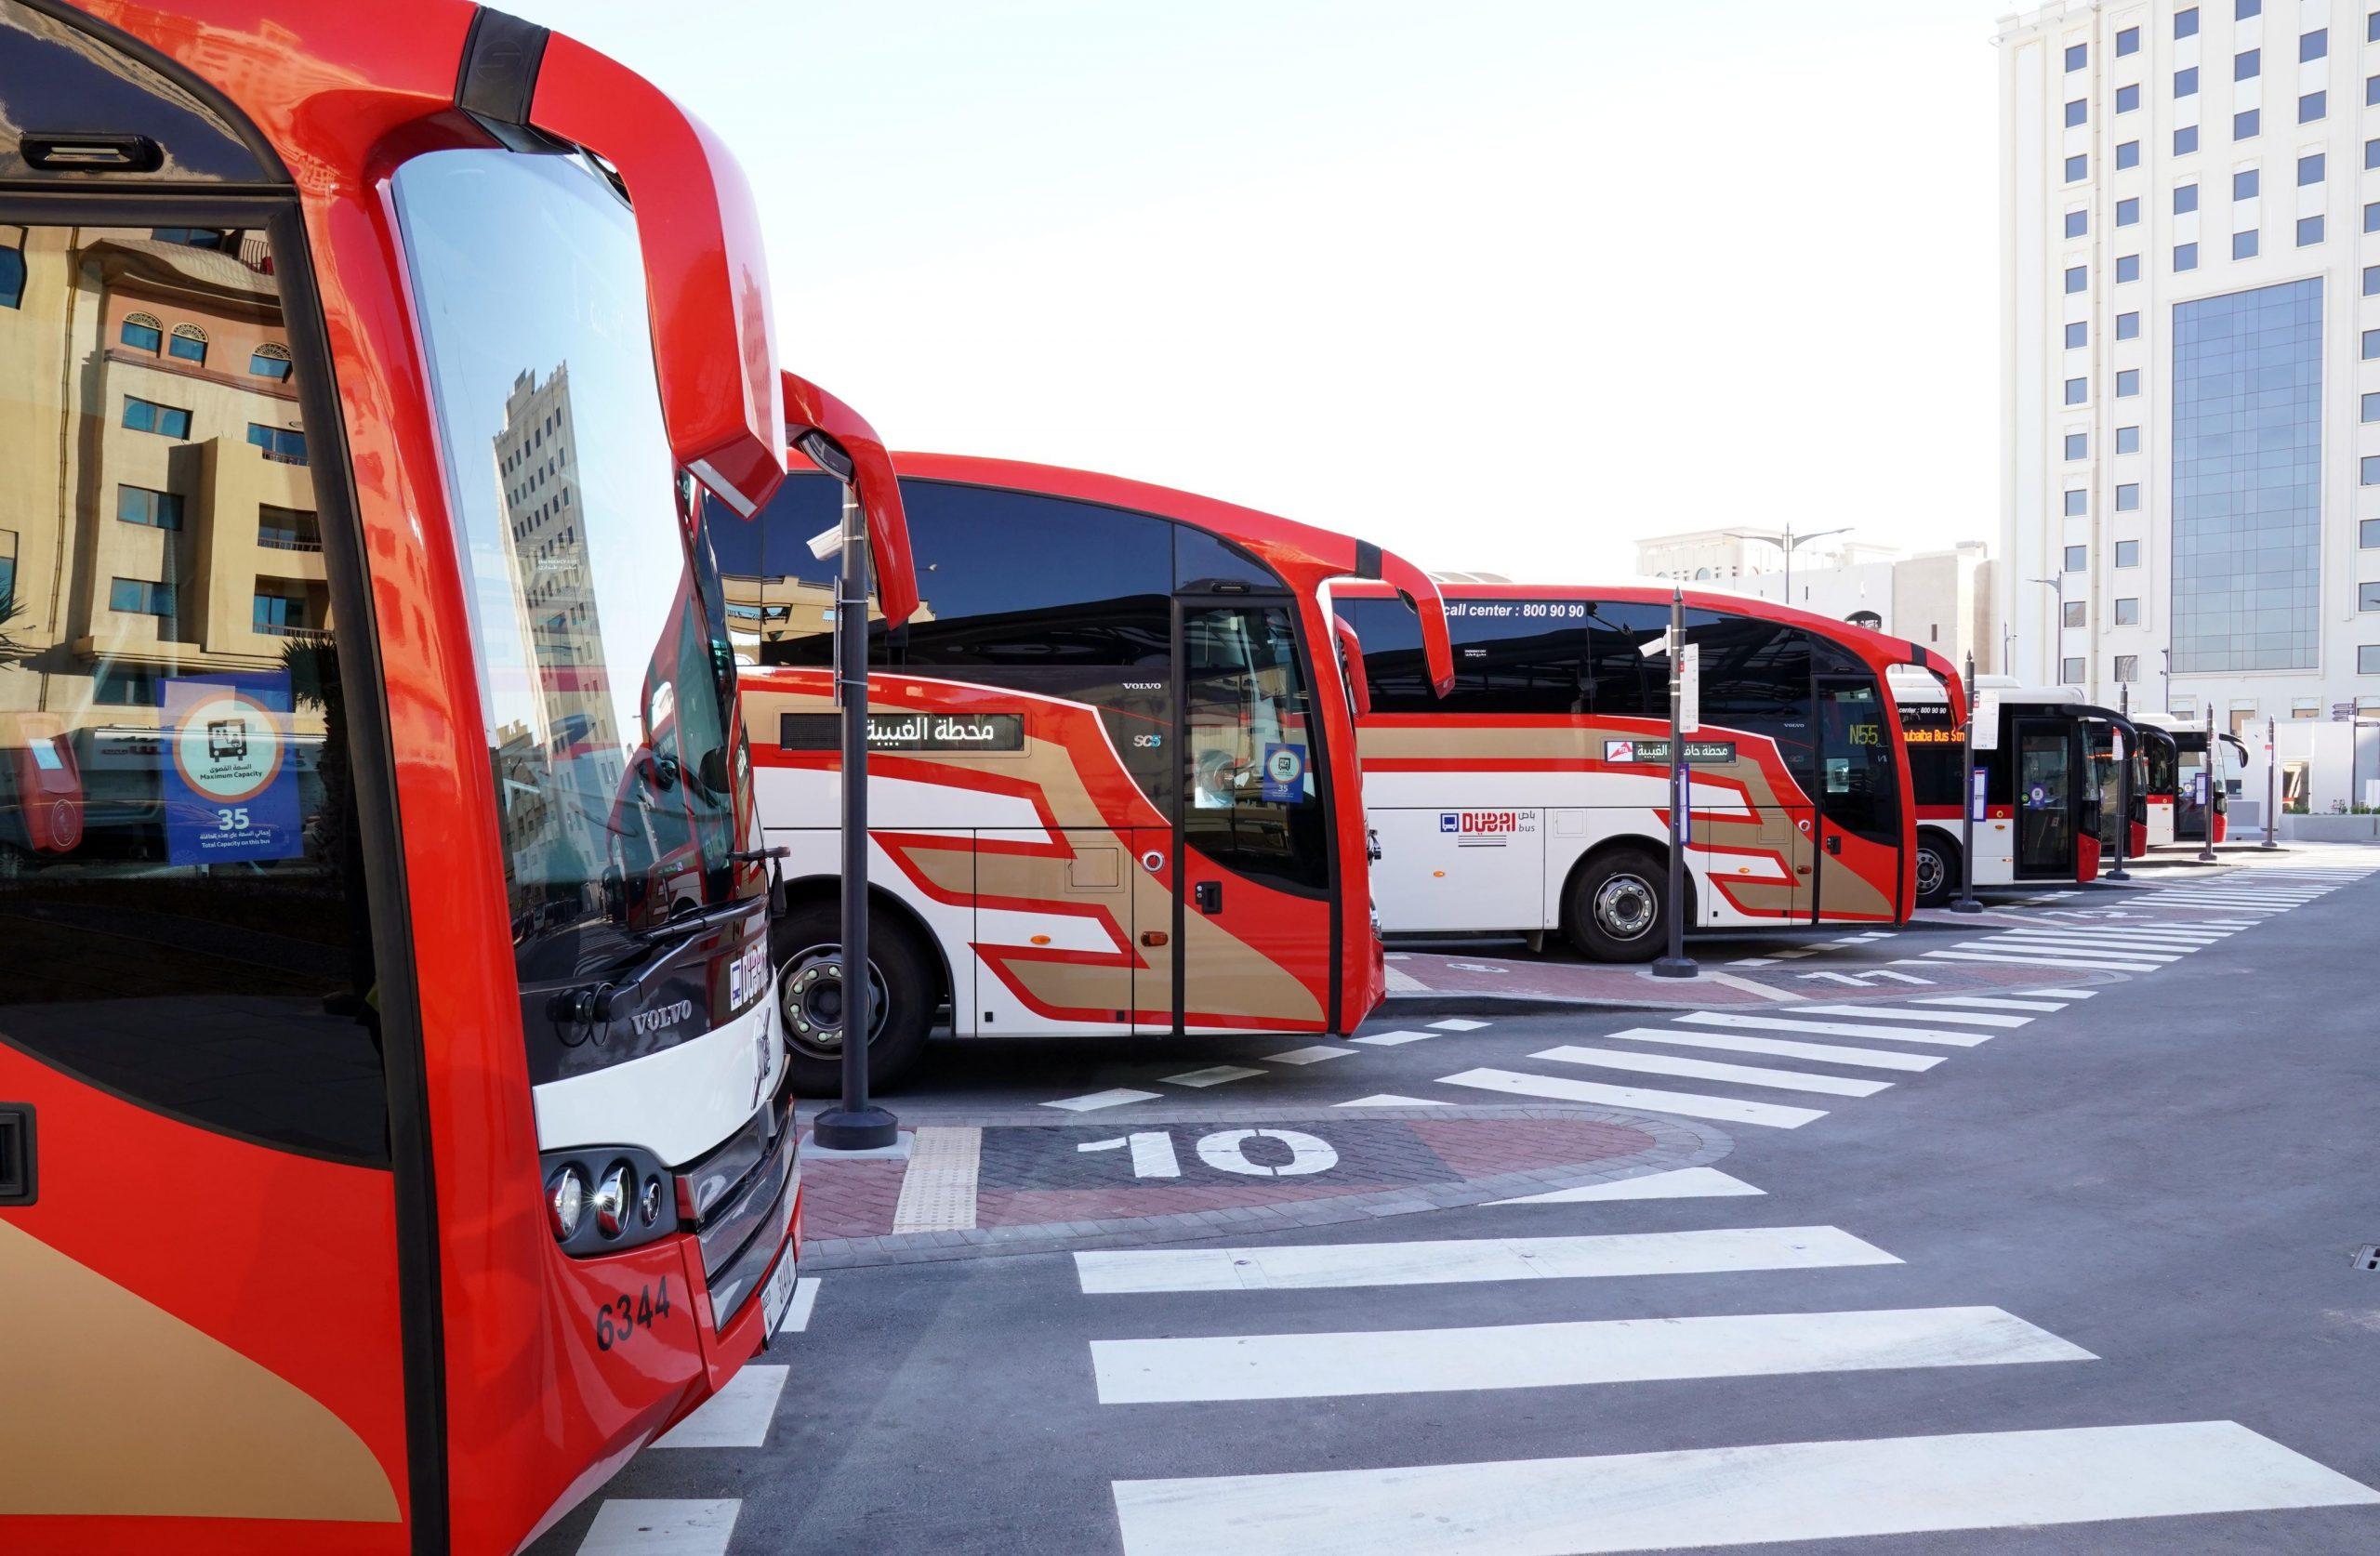 Abu Dhabi Dubai Bus